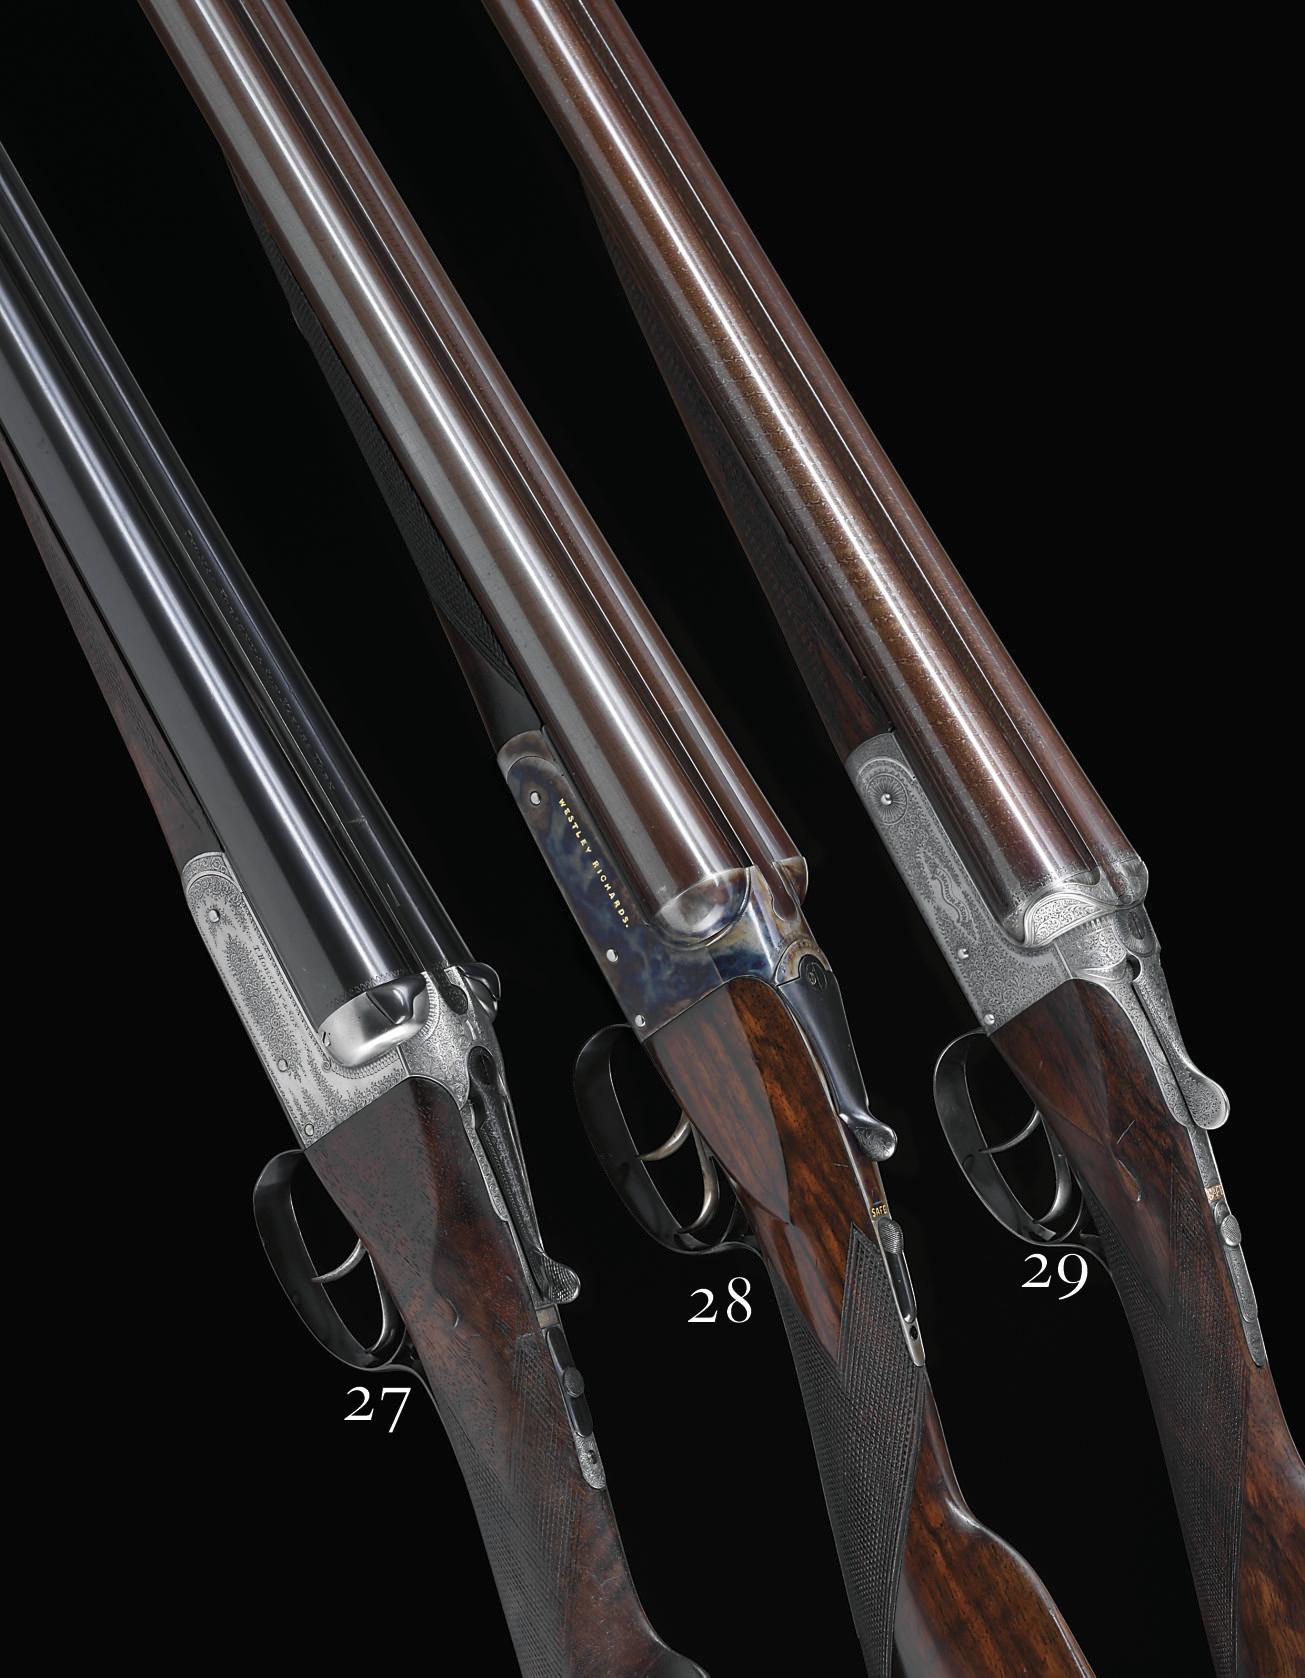 A FINE 16-BORE BOXLOCK EJECTOR GUN BY JOSEPH HARKOM, NO. 2239